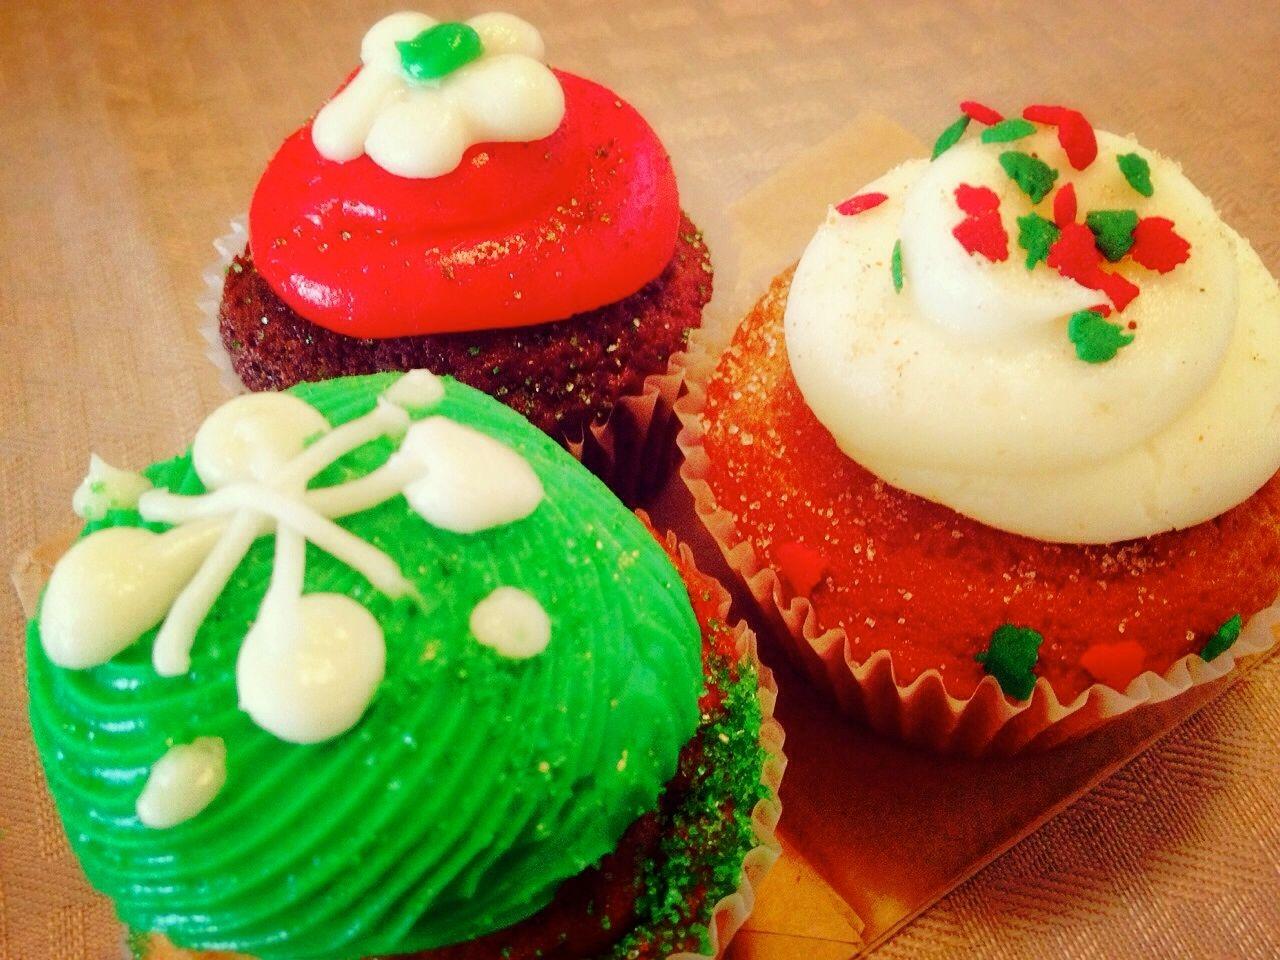 大人気カップケーキがハワイで楽しめる!